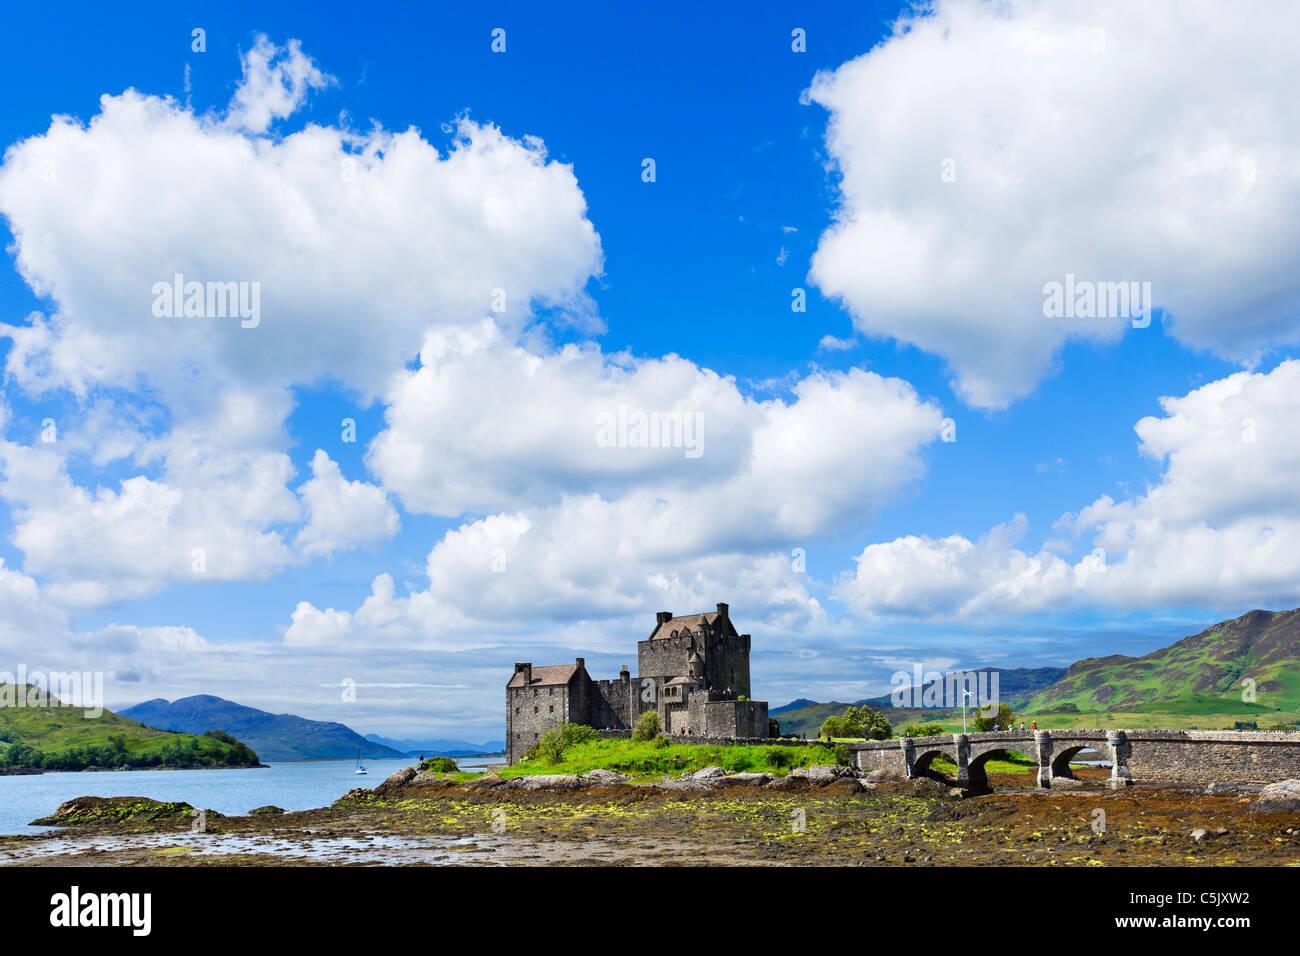 Vista hacia el castillo de Eilean Donan, Loch duich, Highland, Escocia, Reino Unido. Scottish paisaje / paisajes Imagen De Stock